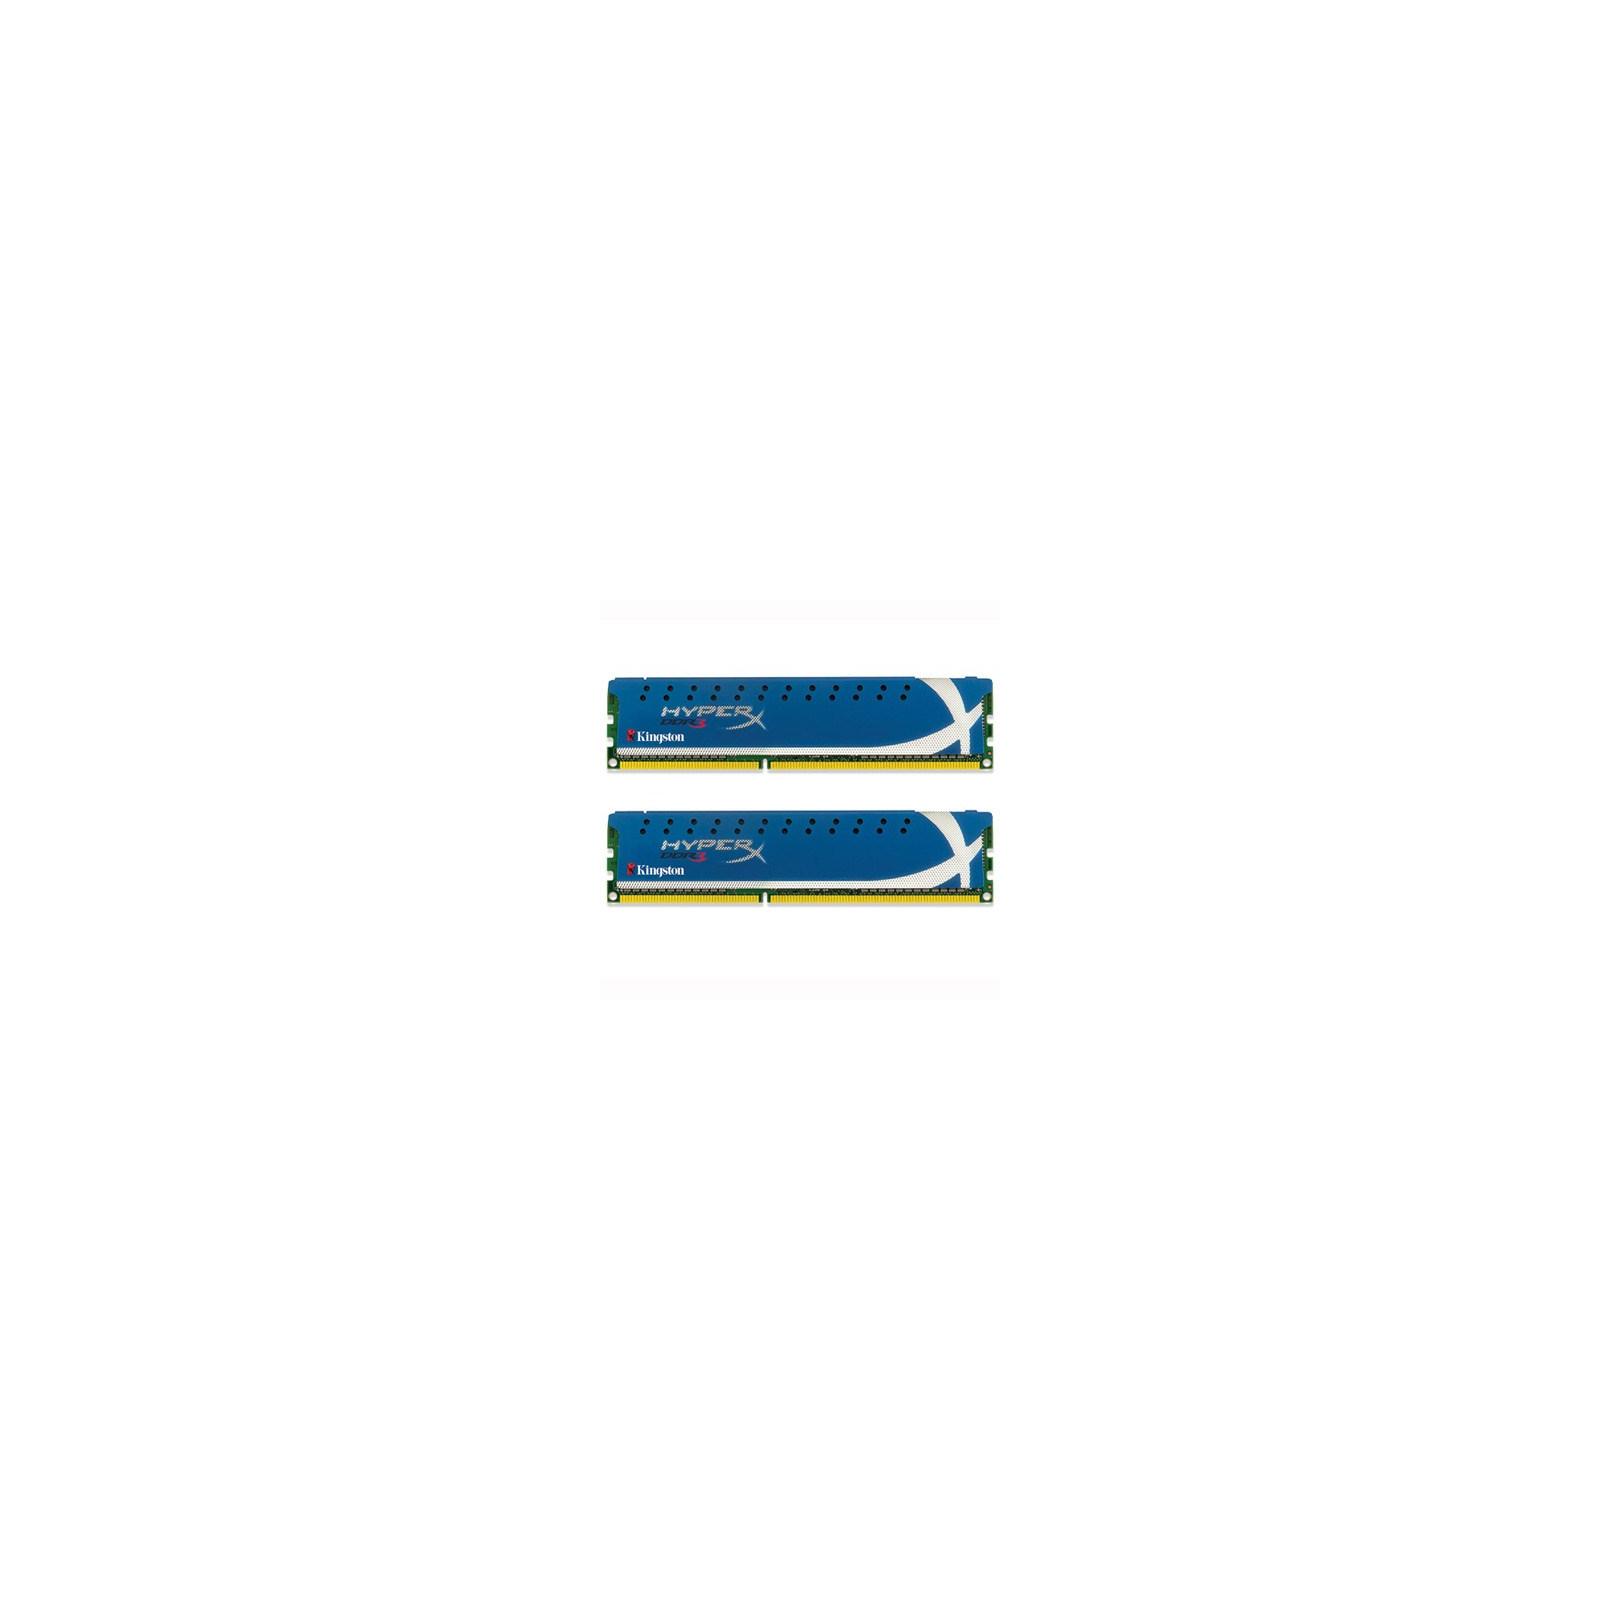 Модуль памяти для компьютера DDR3 8GB (4x2GB) 2400 MHz Kingston (KHX2400C11D3K4/8GX)